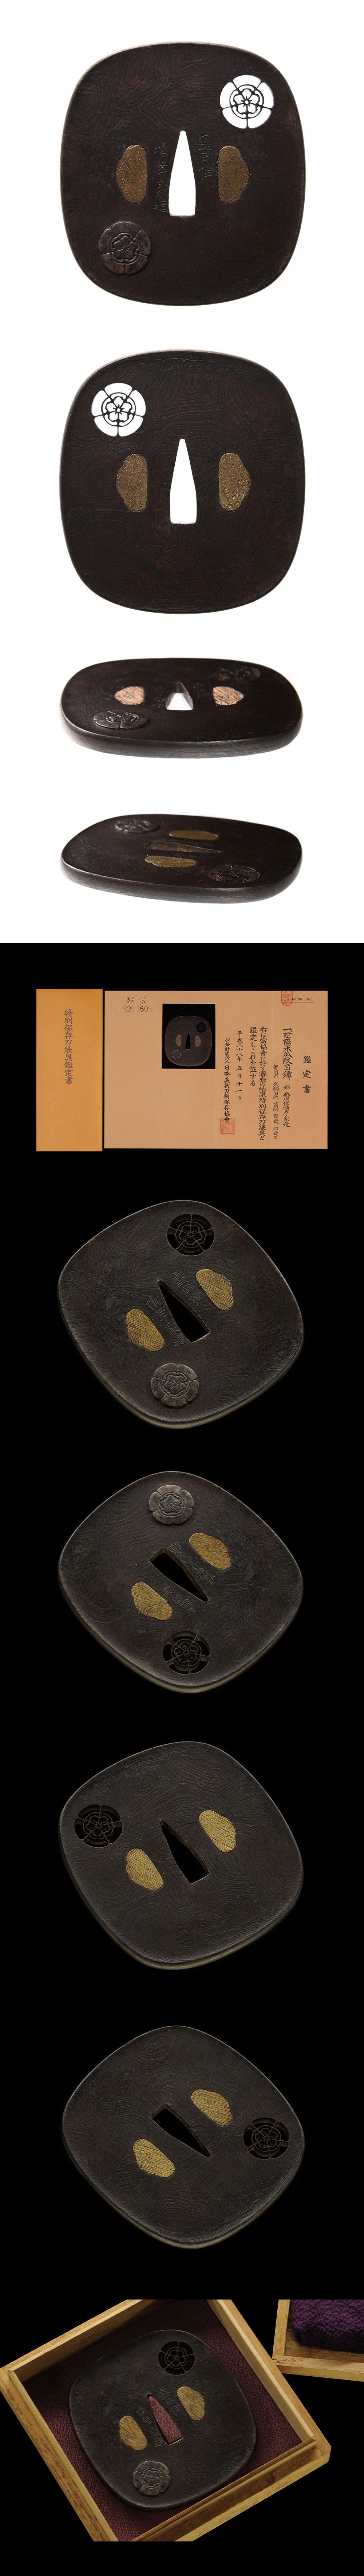 銘 橘考家 陰陽木瓜紋図鍔 特別保存刀装具